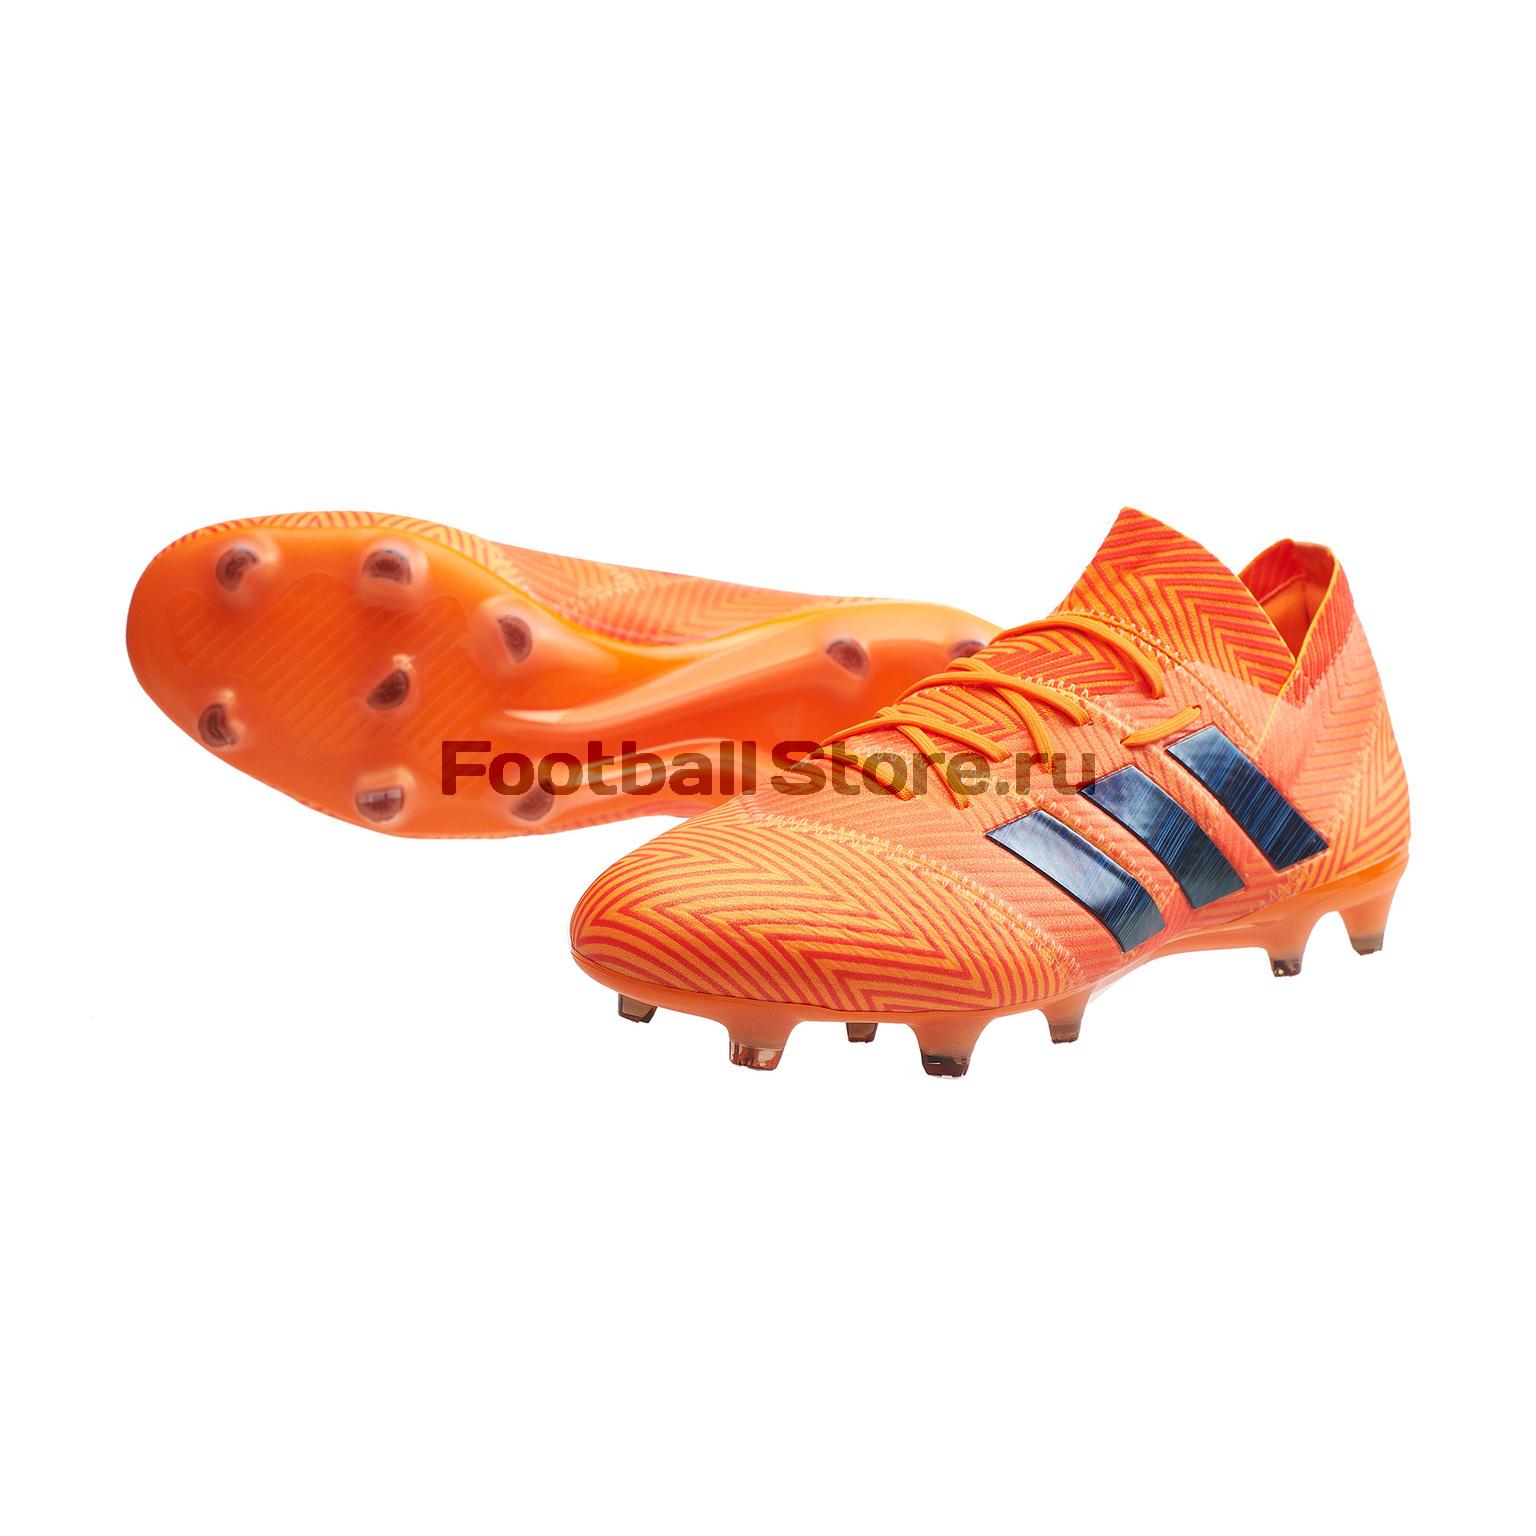 20ab58c8 Бутсы Adidas Nemeziz 18.1 FG DA9588 – купить бутсы в интернет ...